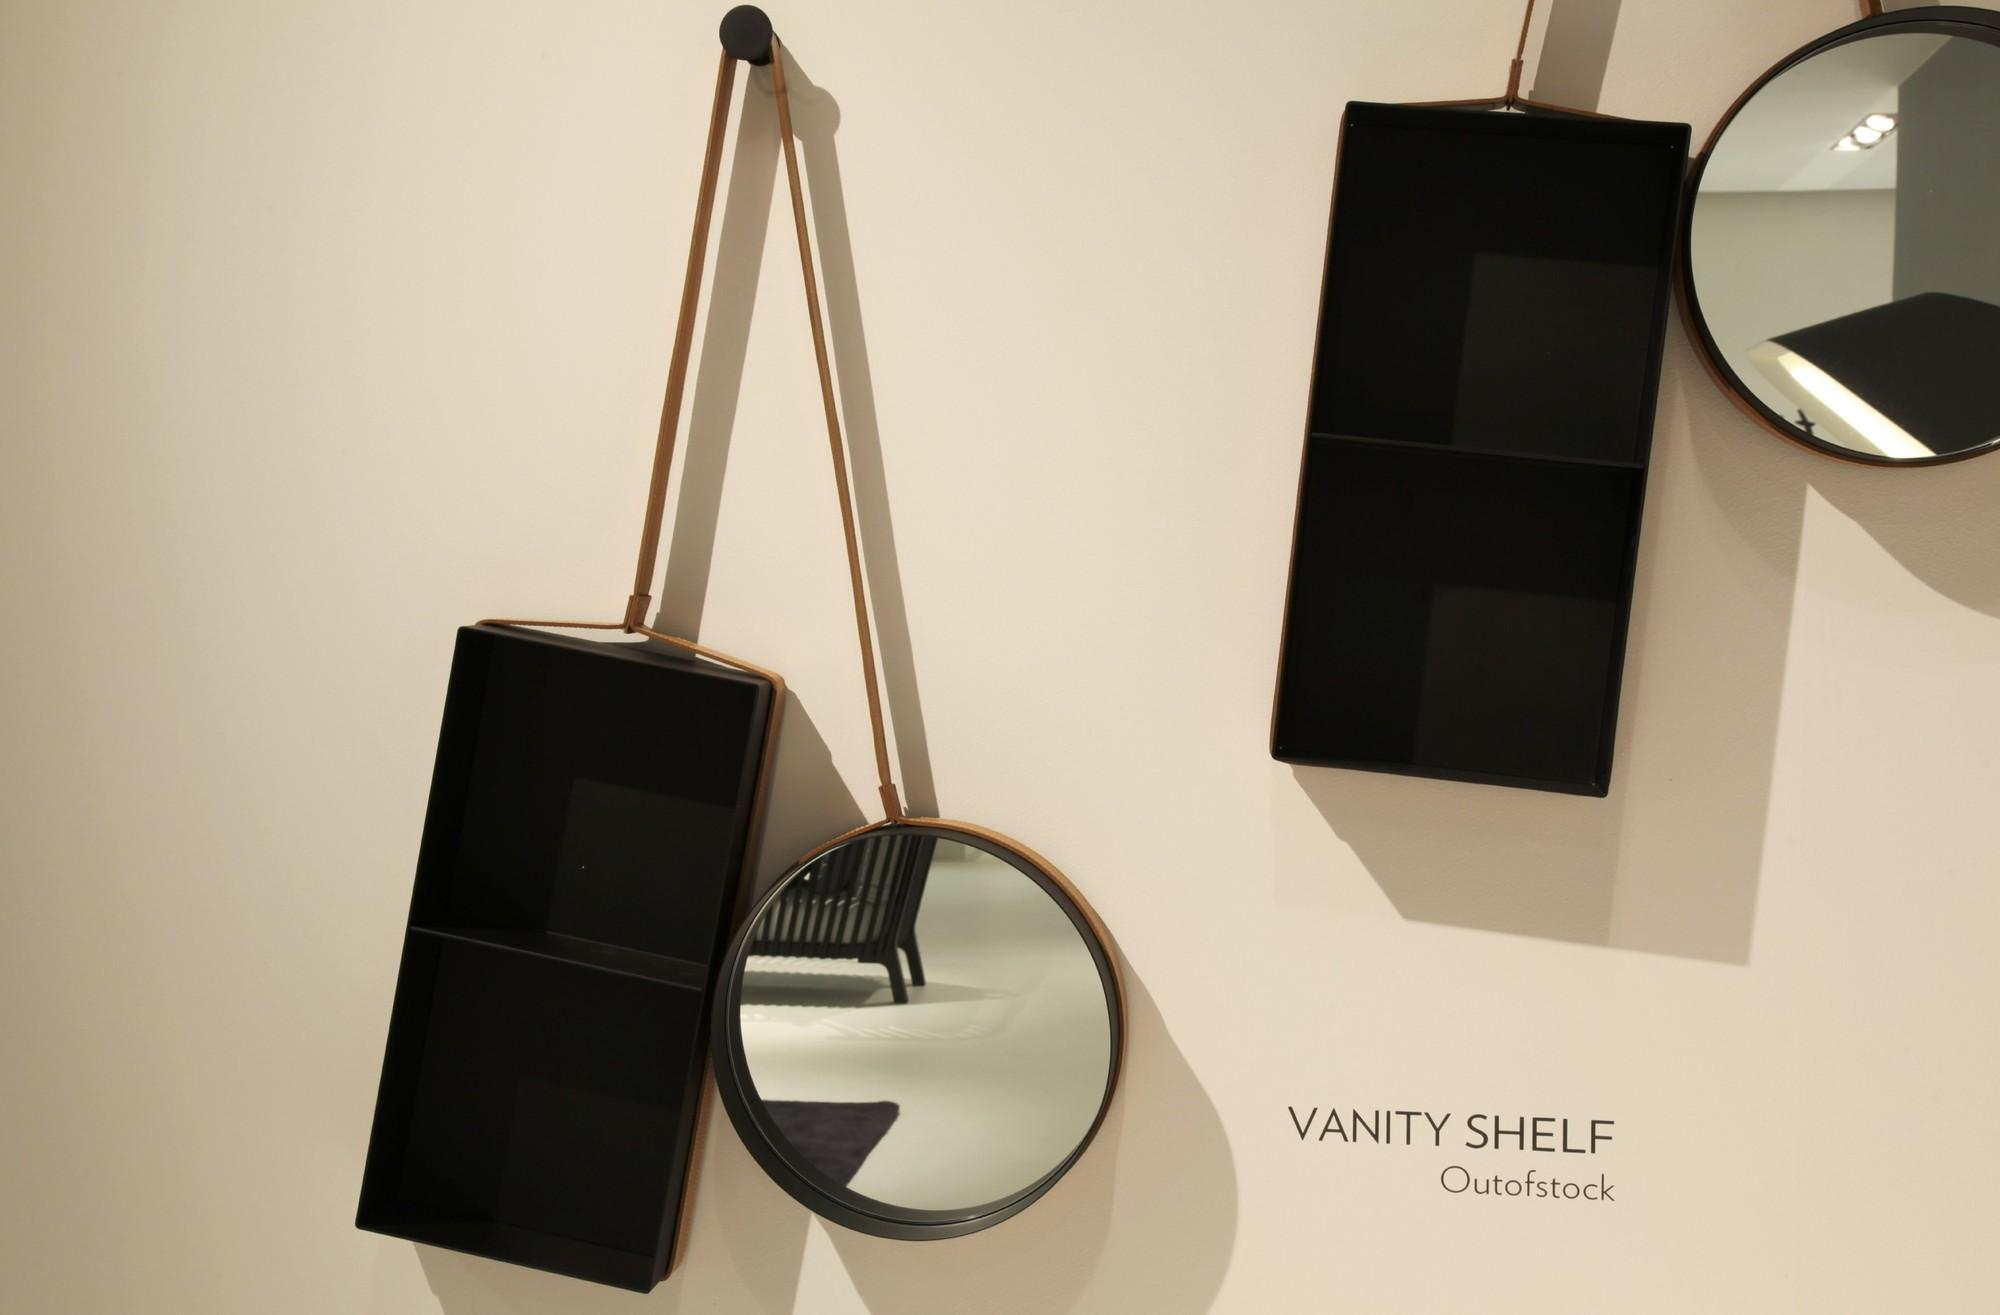 Estantería Vanity / Outofstock, Courtesy of outofstock